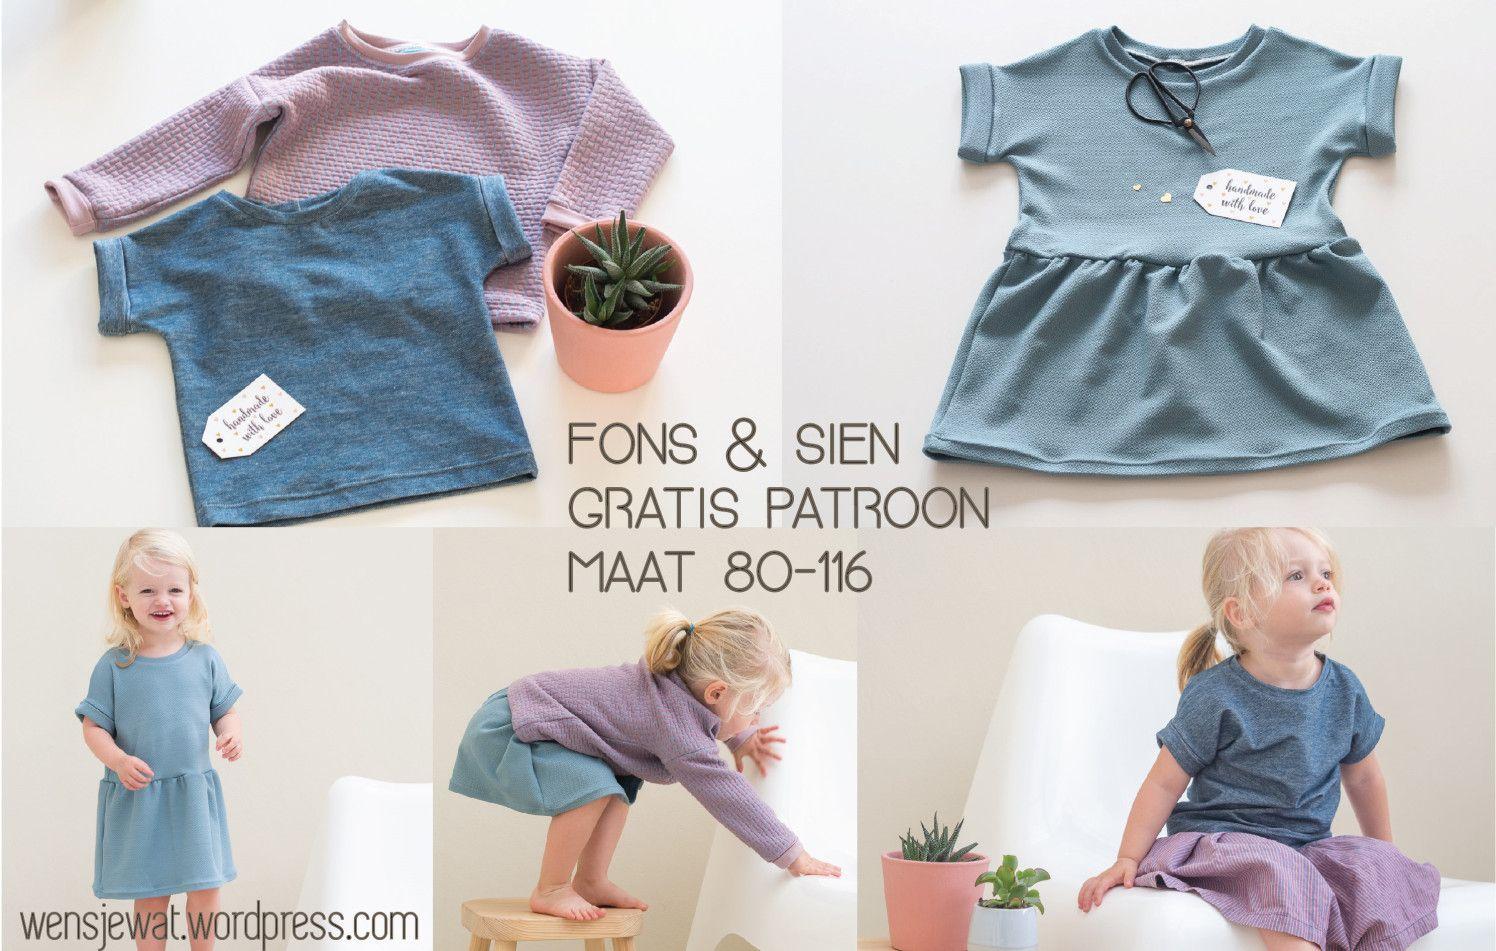 Gratis patroon – free pattern Fons & Sien | Patrones vestidos ...